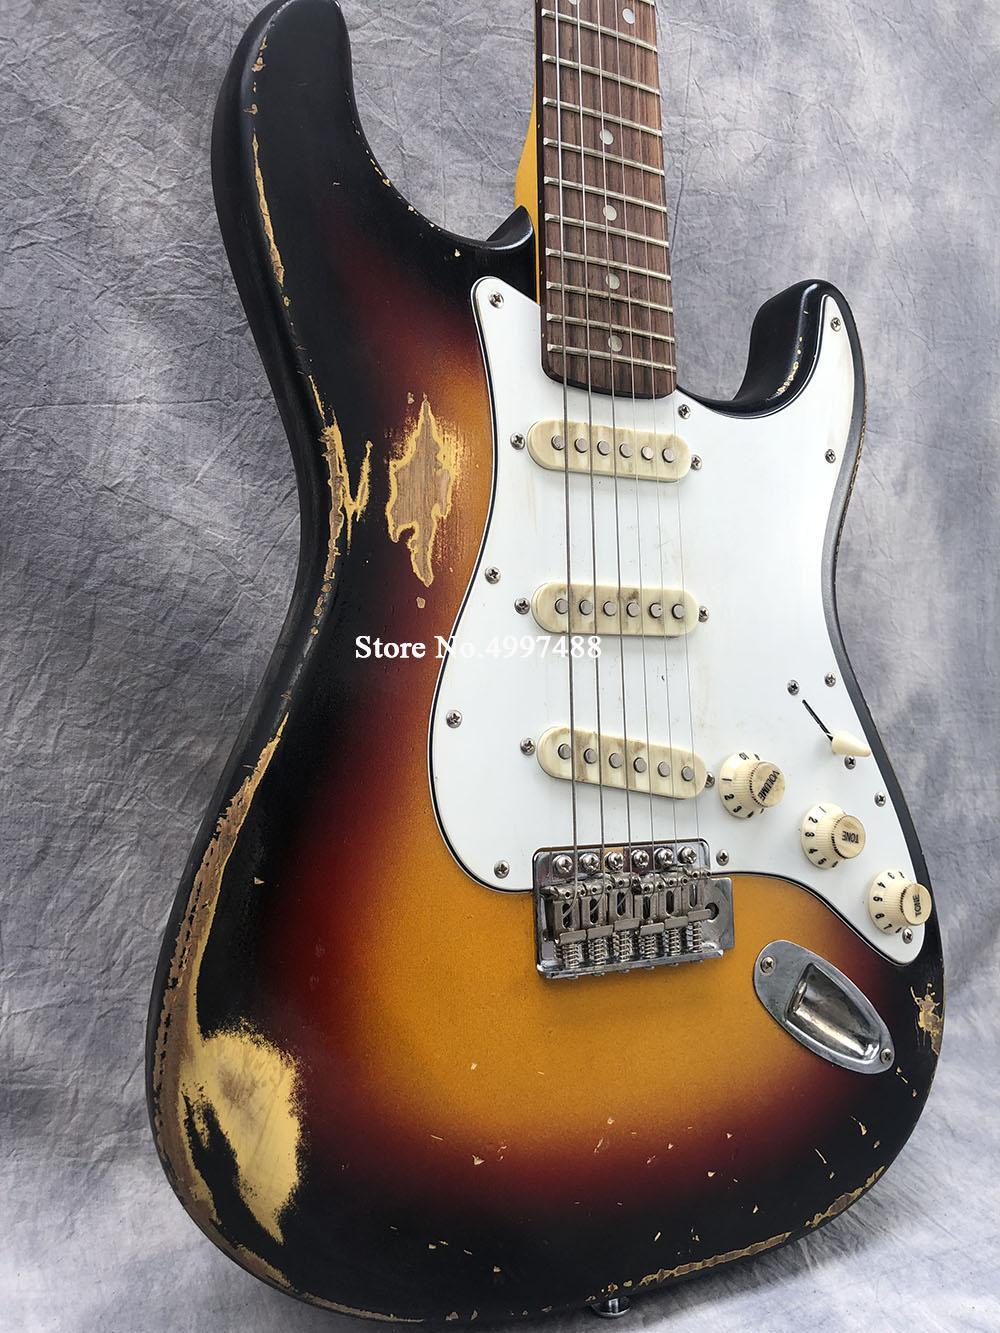 البترول! Masterbuilt الفلفل الحار الفلفل John Fruscante 1962 3 Tone Sunburst Heavy Relic ST الغيتار الكهربائي، خمر الأخضر Konb SSS التقاطات